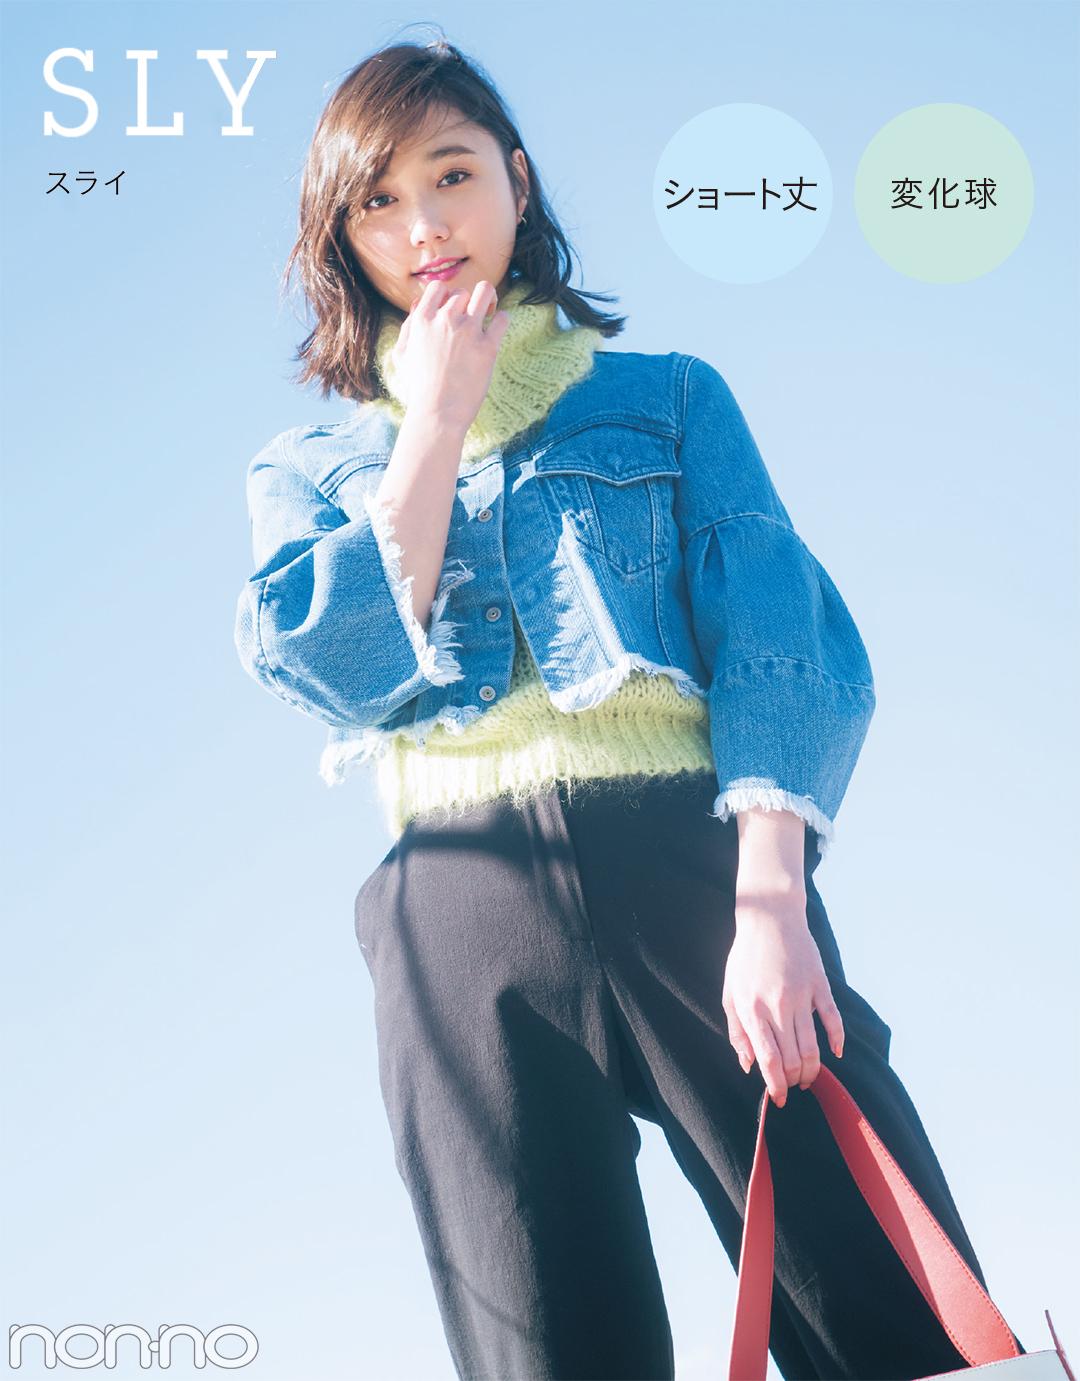 鈴木友菜が着るSLYの新作Gジャン♡ ショート丈のコーデバランス、これが正解!_1_1